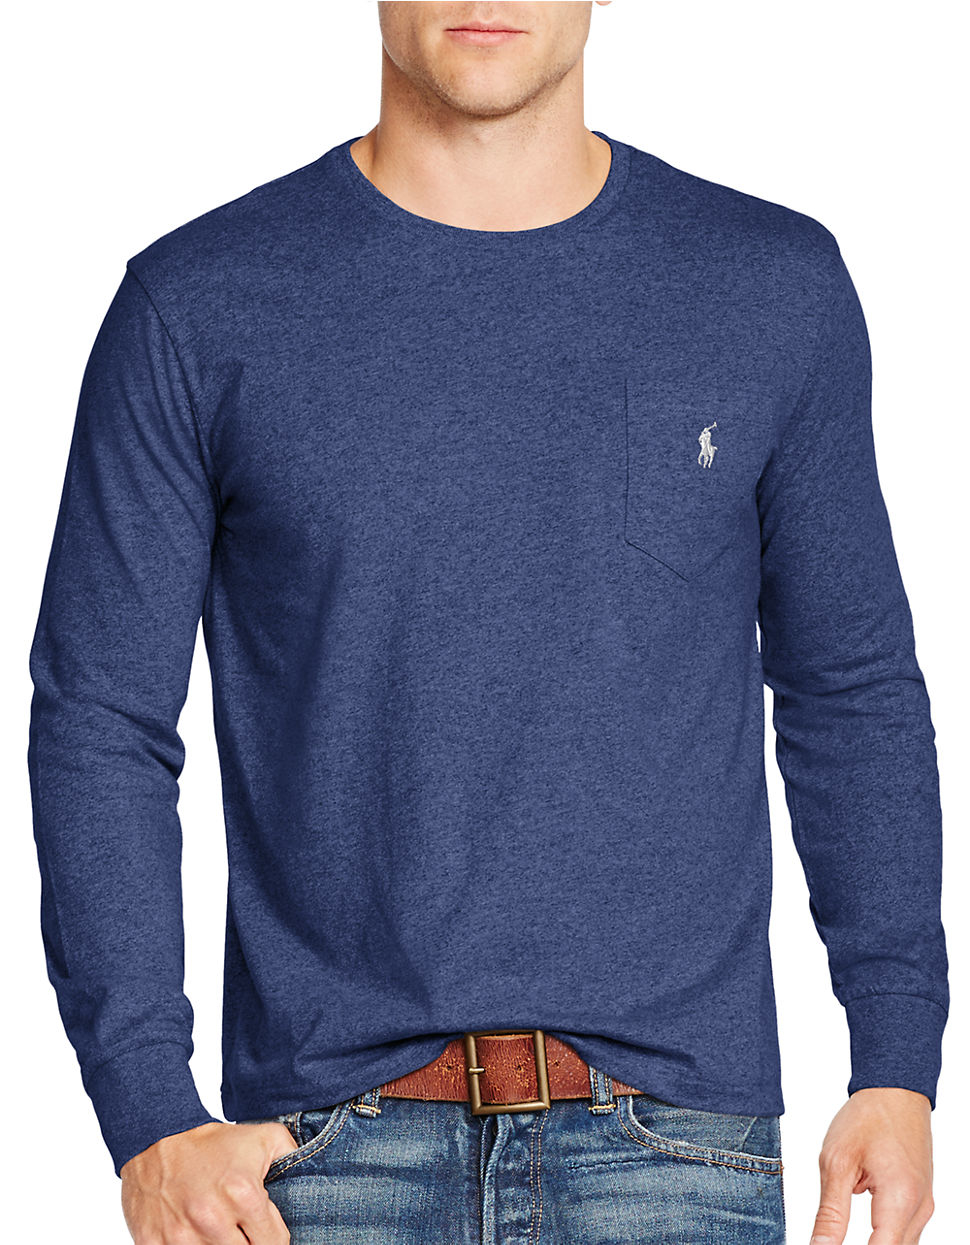 Polo ralph lauren long sleeve jersey crewneck shirt in for Ralph lauren polo jersey shirt